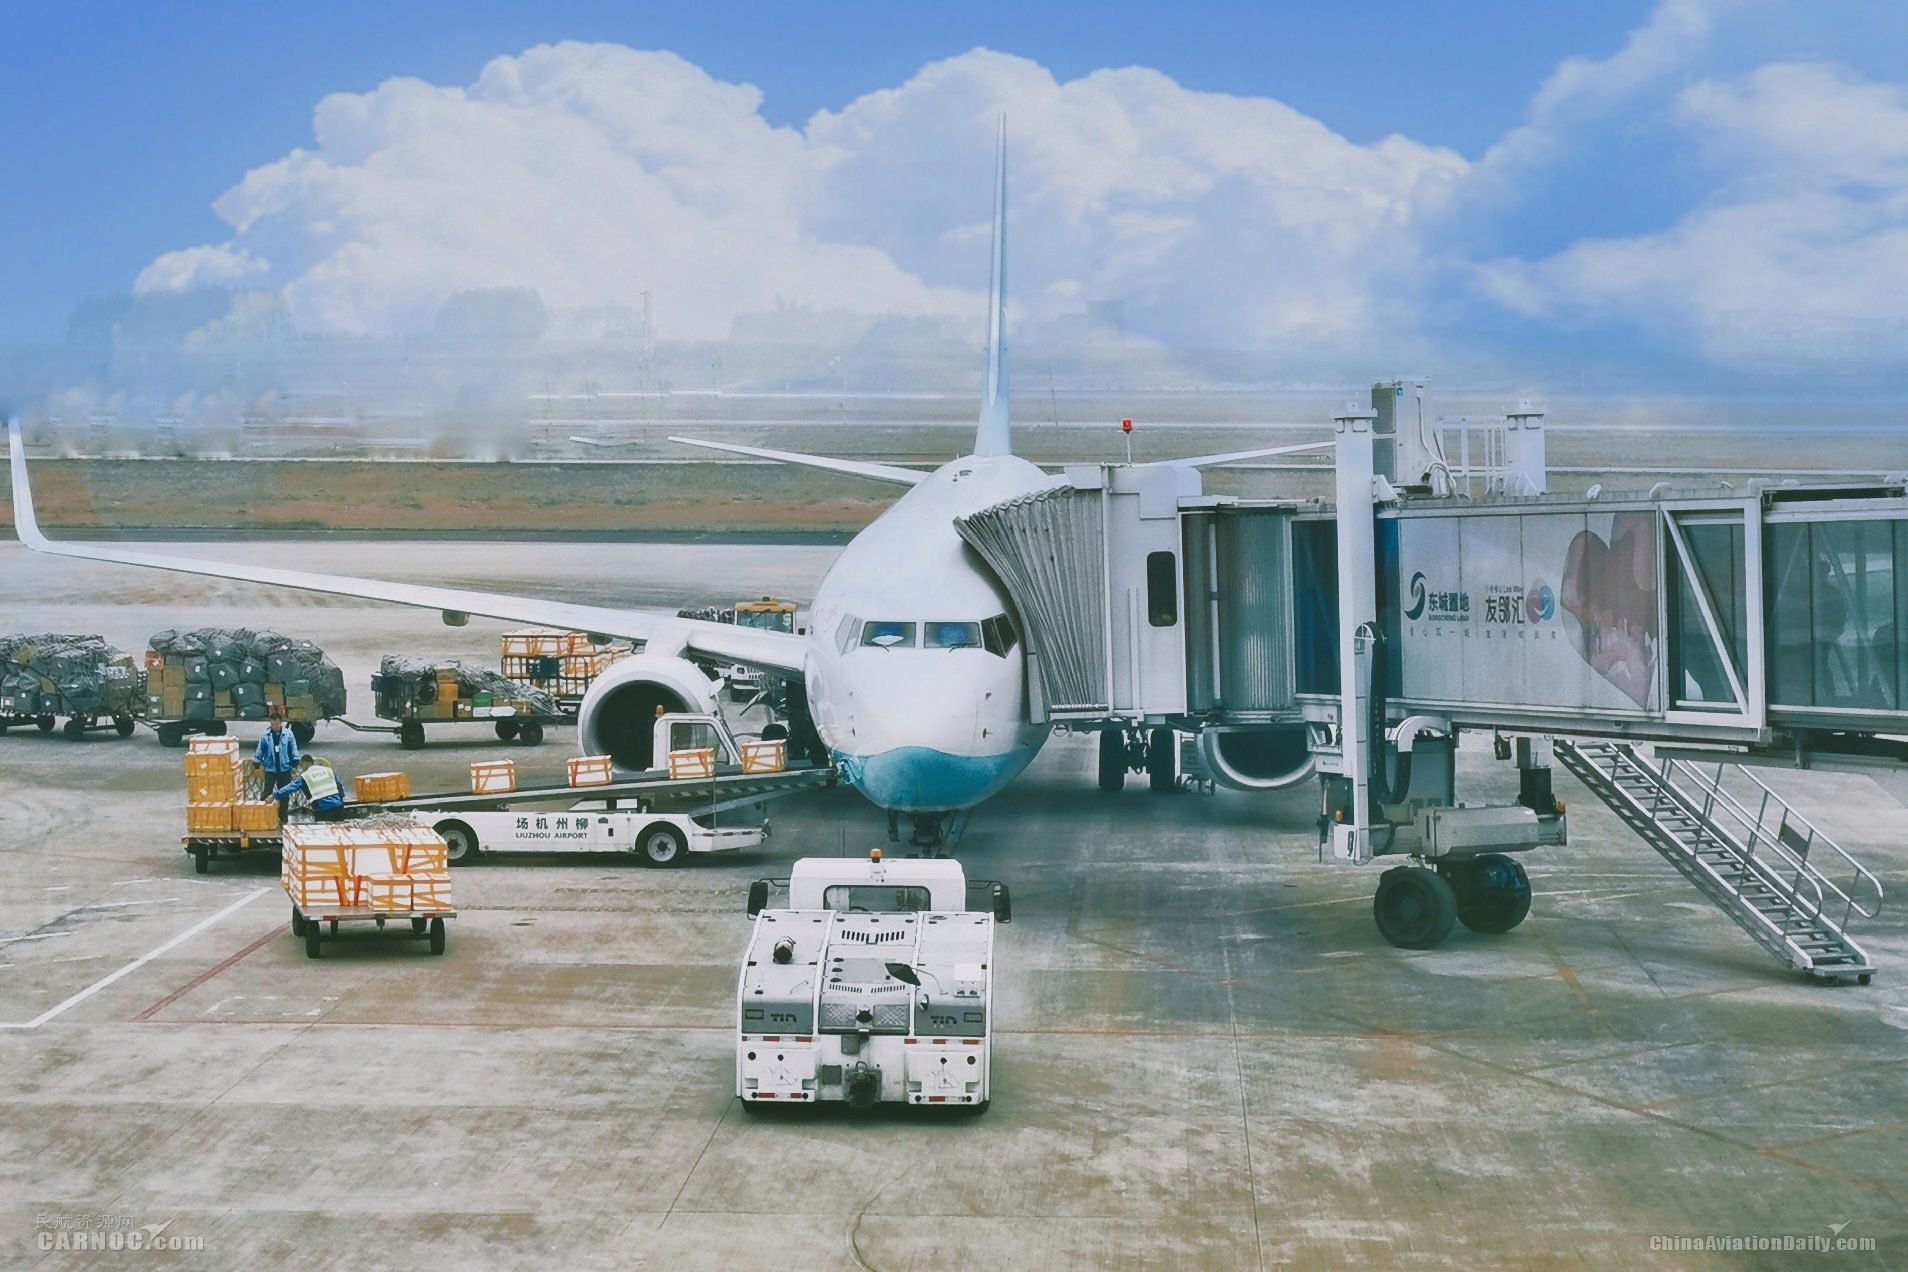 797吨!柳州机场1月货邮吞吐量创新高